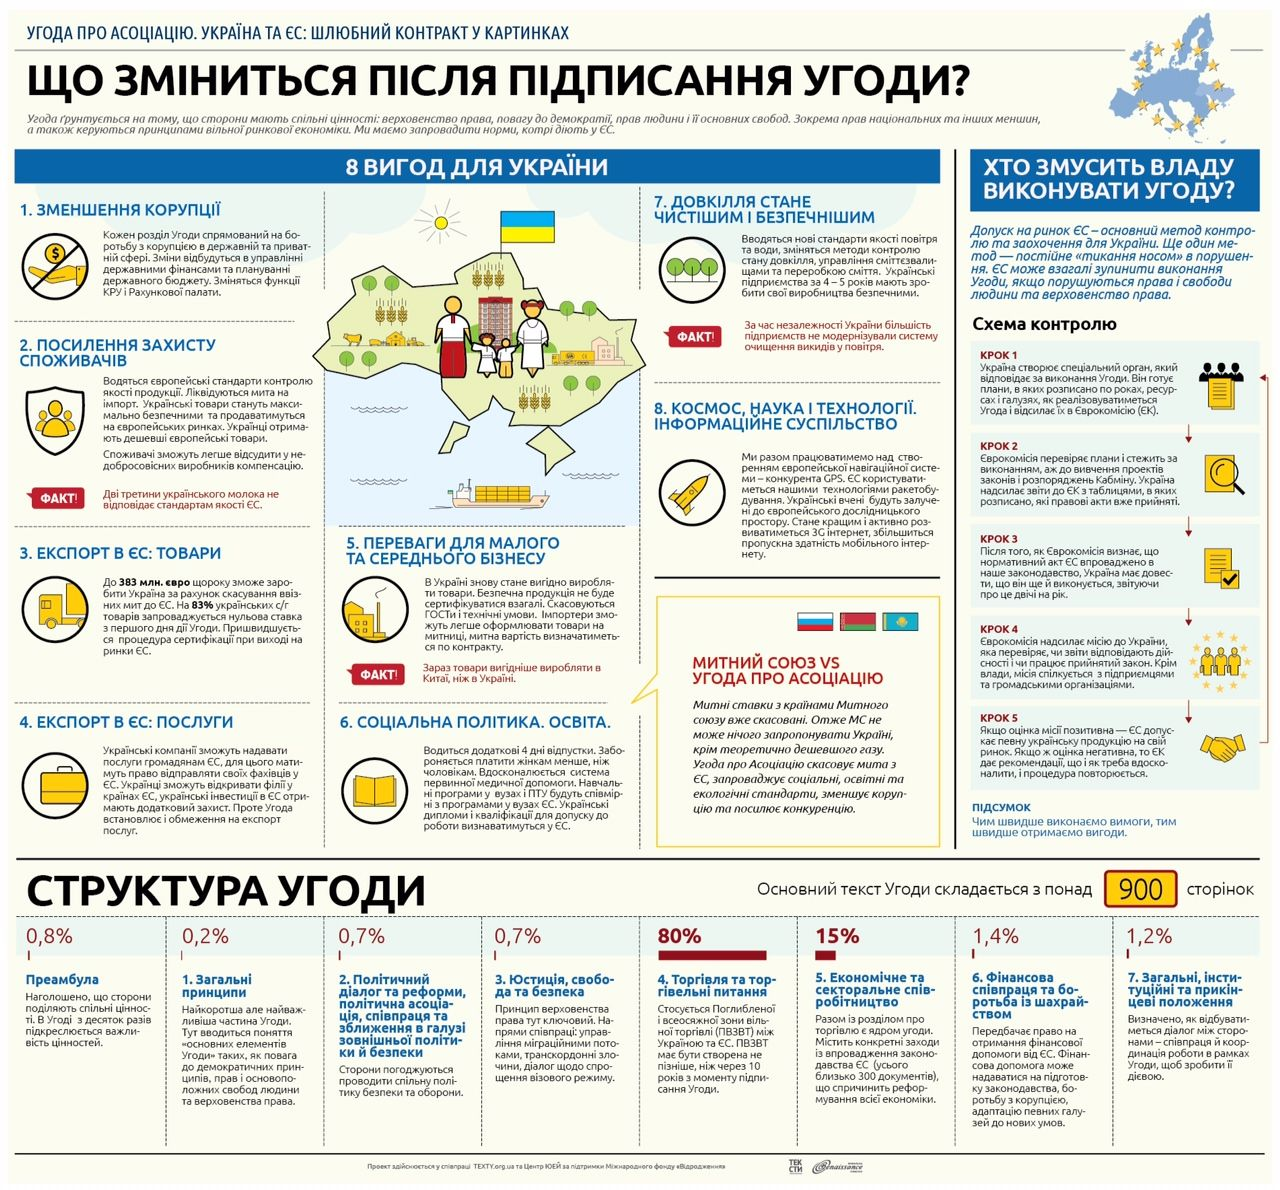 Евросоюз окончательно завершил ратификацию Соглашения об ассоциации Украина-ЕС - Цензор.НЕТ 4531